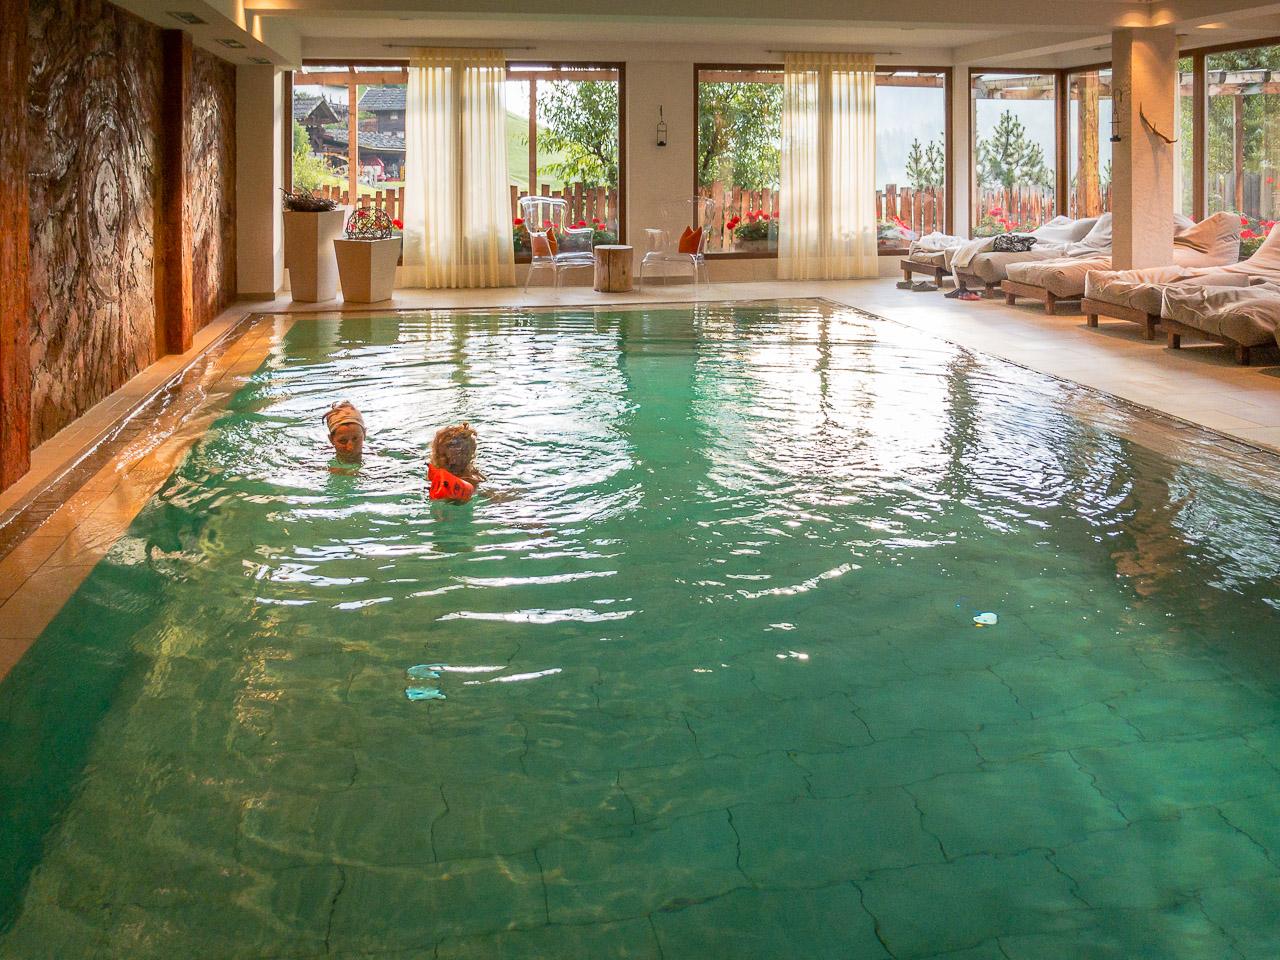 Schwimmbad im Hotel Waltershof in St. Nokolaus im Ultental